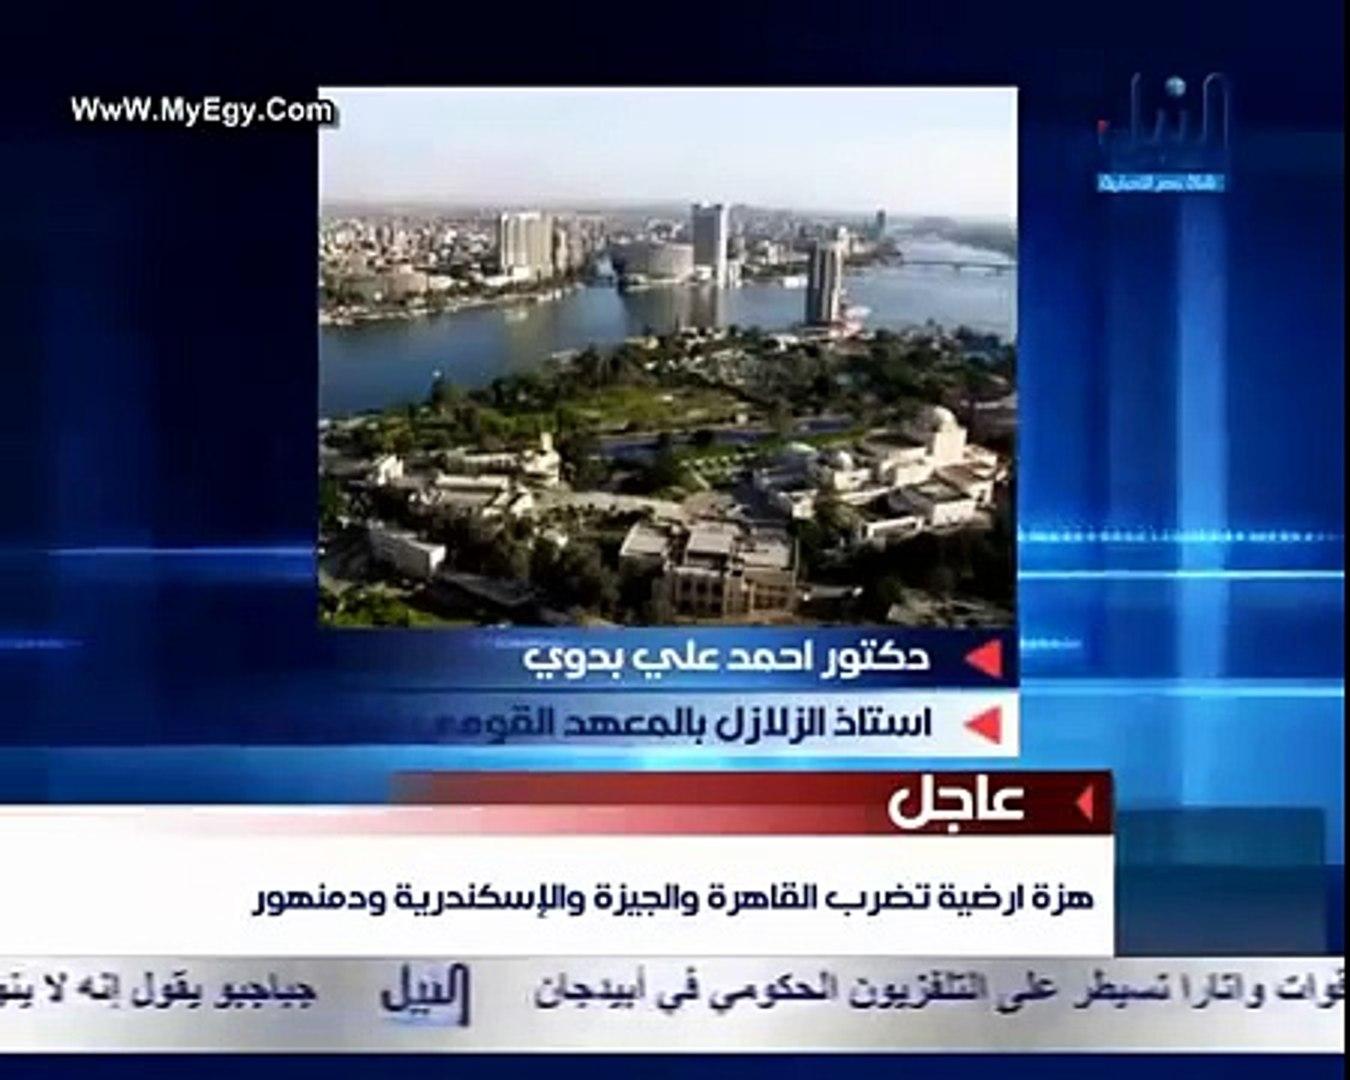 زلزال مصر اليوم- اخبار الزلزال في مصر والقاهرة 2011.flv